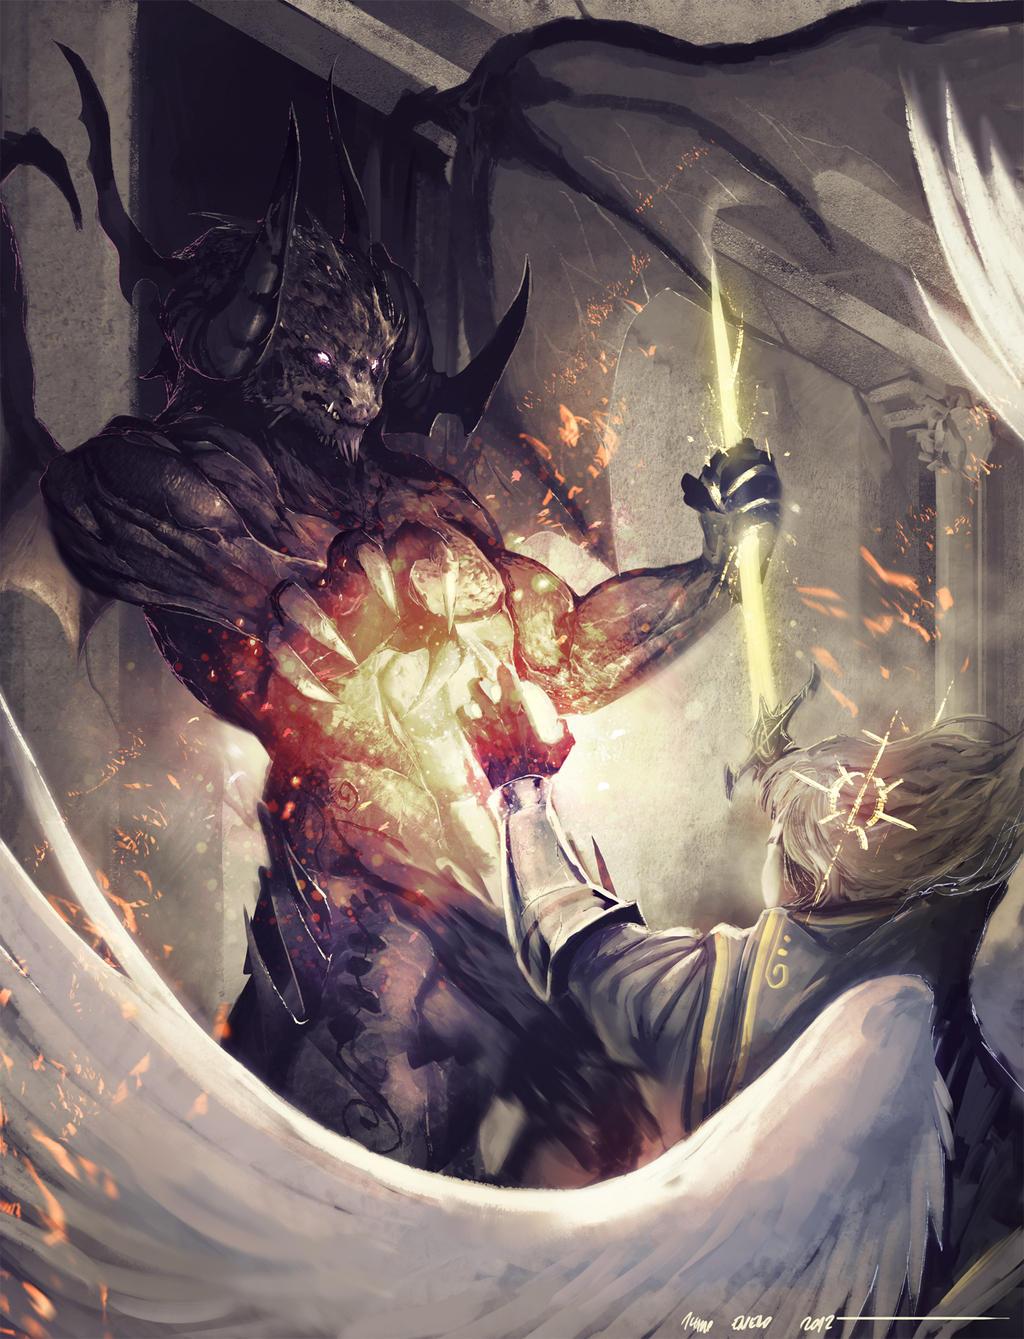 Философия в картинках - Страница 32 Demon_vs_celestial_by_tsrodriguez_d5sh9vl-fullview.jpg?token=eyJ0eXAiOiJKV1QiLCJhbGciOiJIUzI1NiJ9.eyJzdWIiOiJ1cm46YXBwOjdlMGQxODg5ODIyNjQzNzNhNWYwZDQxNWVhMGQyNmUwIiwiaXNzIjoidXJuOmFwcDo3ZTBkMTg4OTgyMjY0MzczYTVmMGQ0MTVlYTBkMjZlMCIsIm9iaiI6W1t7ImhlaWdodCI6Ijw9MTMzOSIsInBhdGgiOiJcL2ZcLzhkMmQ4NmVmLWRlNDctNGUyOC1hNDUzLWMwM2UwZDYyZWM5YlwvZDVzaDl2bC1kNmVhNDQzNS0xMDA4LTQ4MzEtODgxOS04YmI4MDVkZWE3YzguanBnIiwid2lkdGgiOiI8PTEwMjQifV1dLCJhdWQiOlsidXJuOnNlcnZpY2U6aW1hZ2Uub3BlcmF0aW9ucyJdfQ